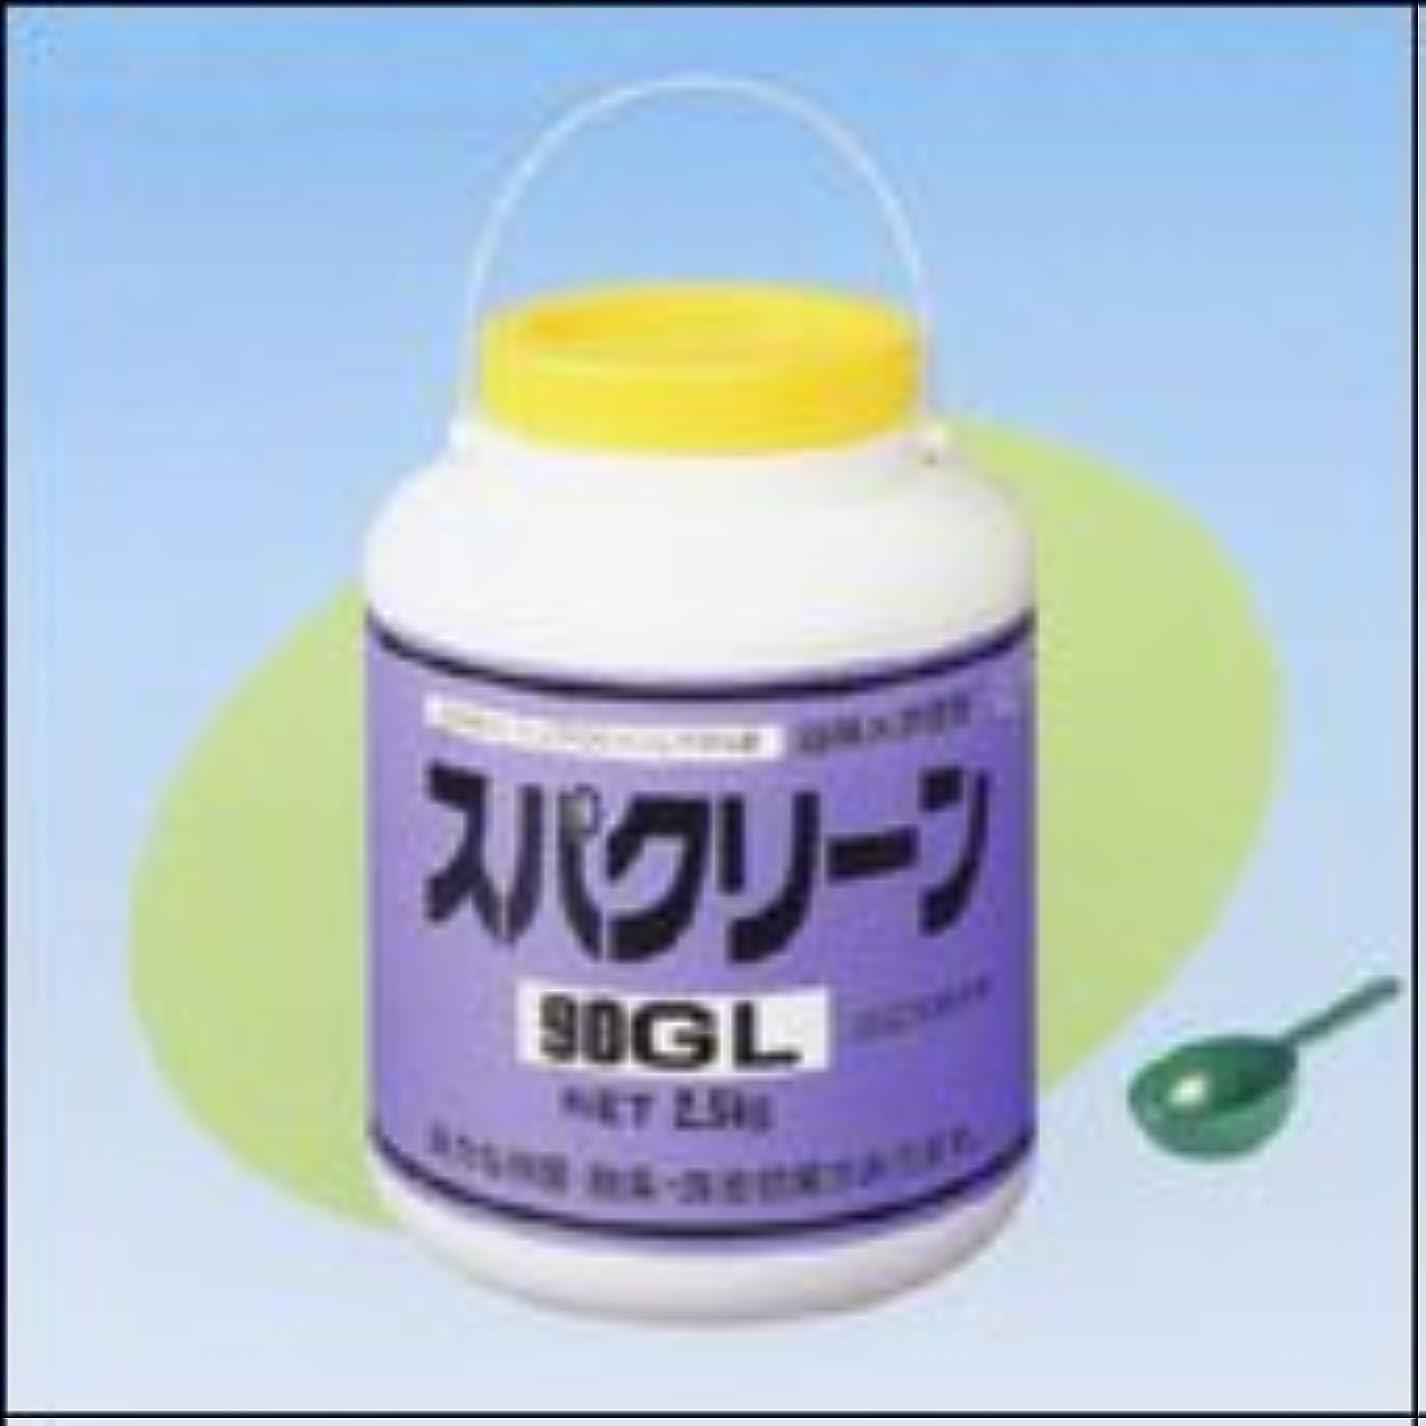 スパクリーン 90GL 2.5kg 浴用水精澄剤 塩素